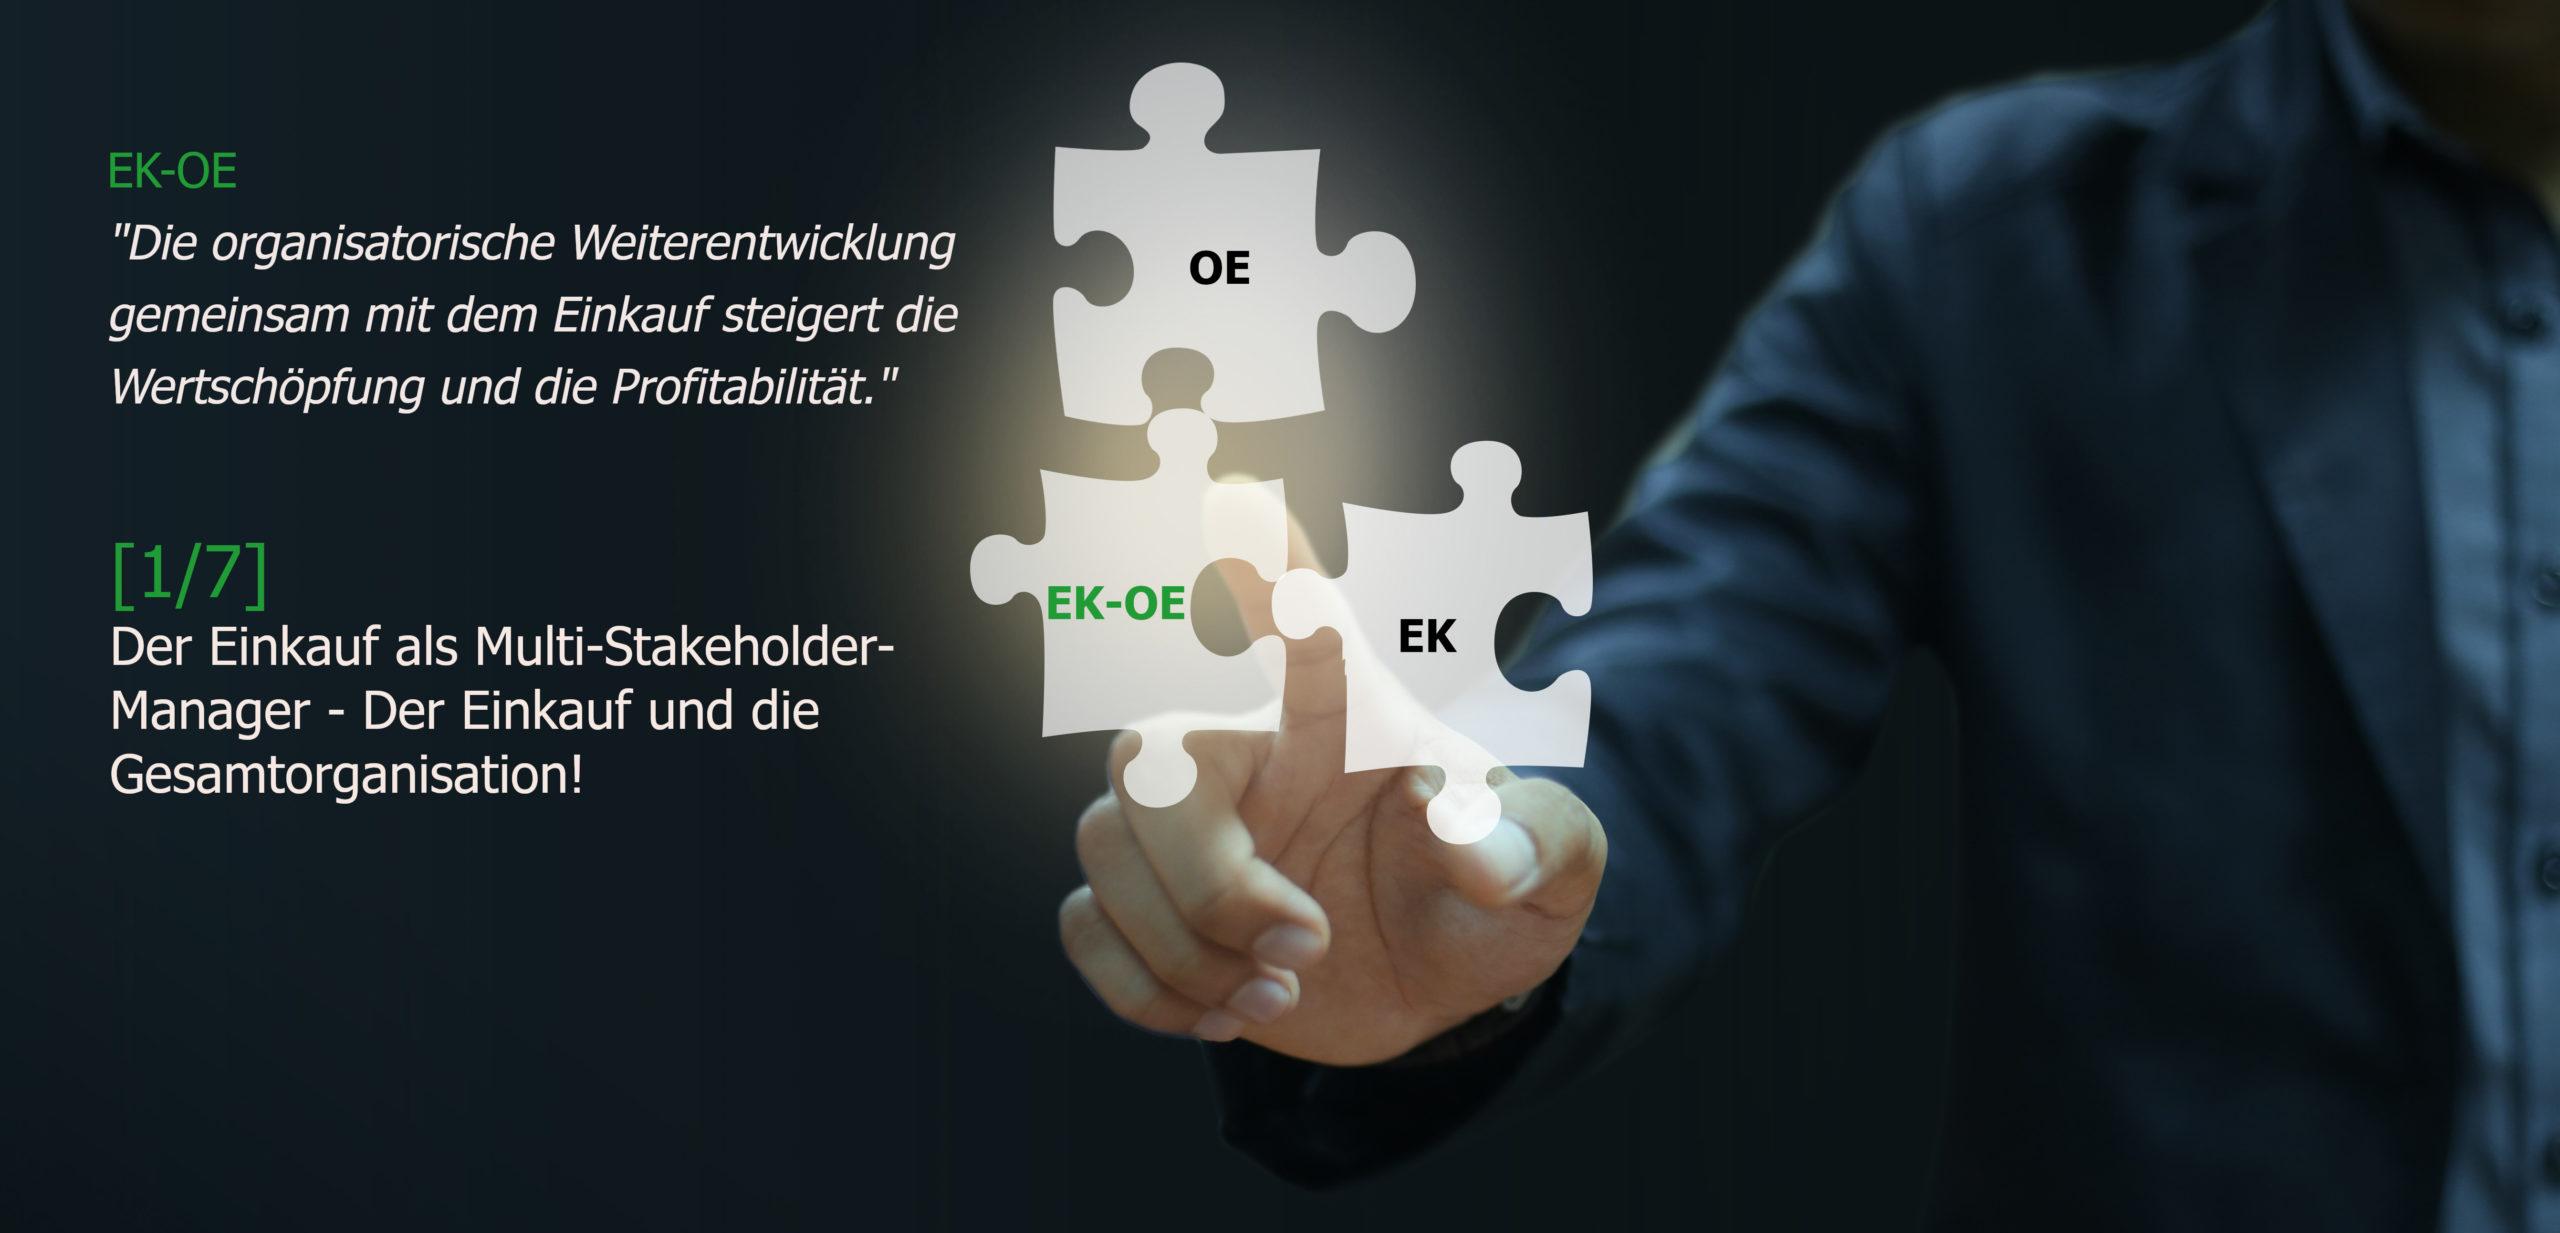 Multi-Stakeholder-Manager - Organisationsentwicklung, Einkaufsberatung, Change Coach, Coaching, Markus Kruse, Essen